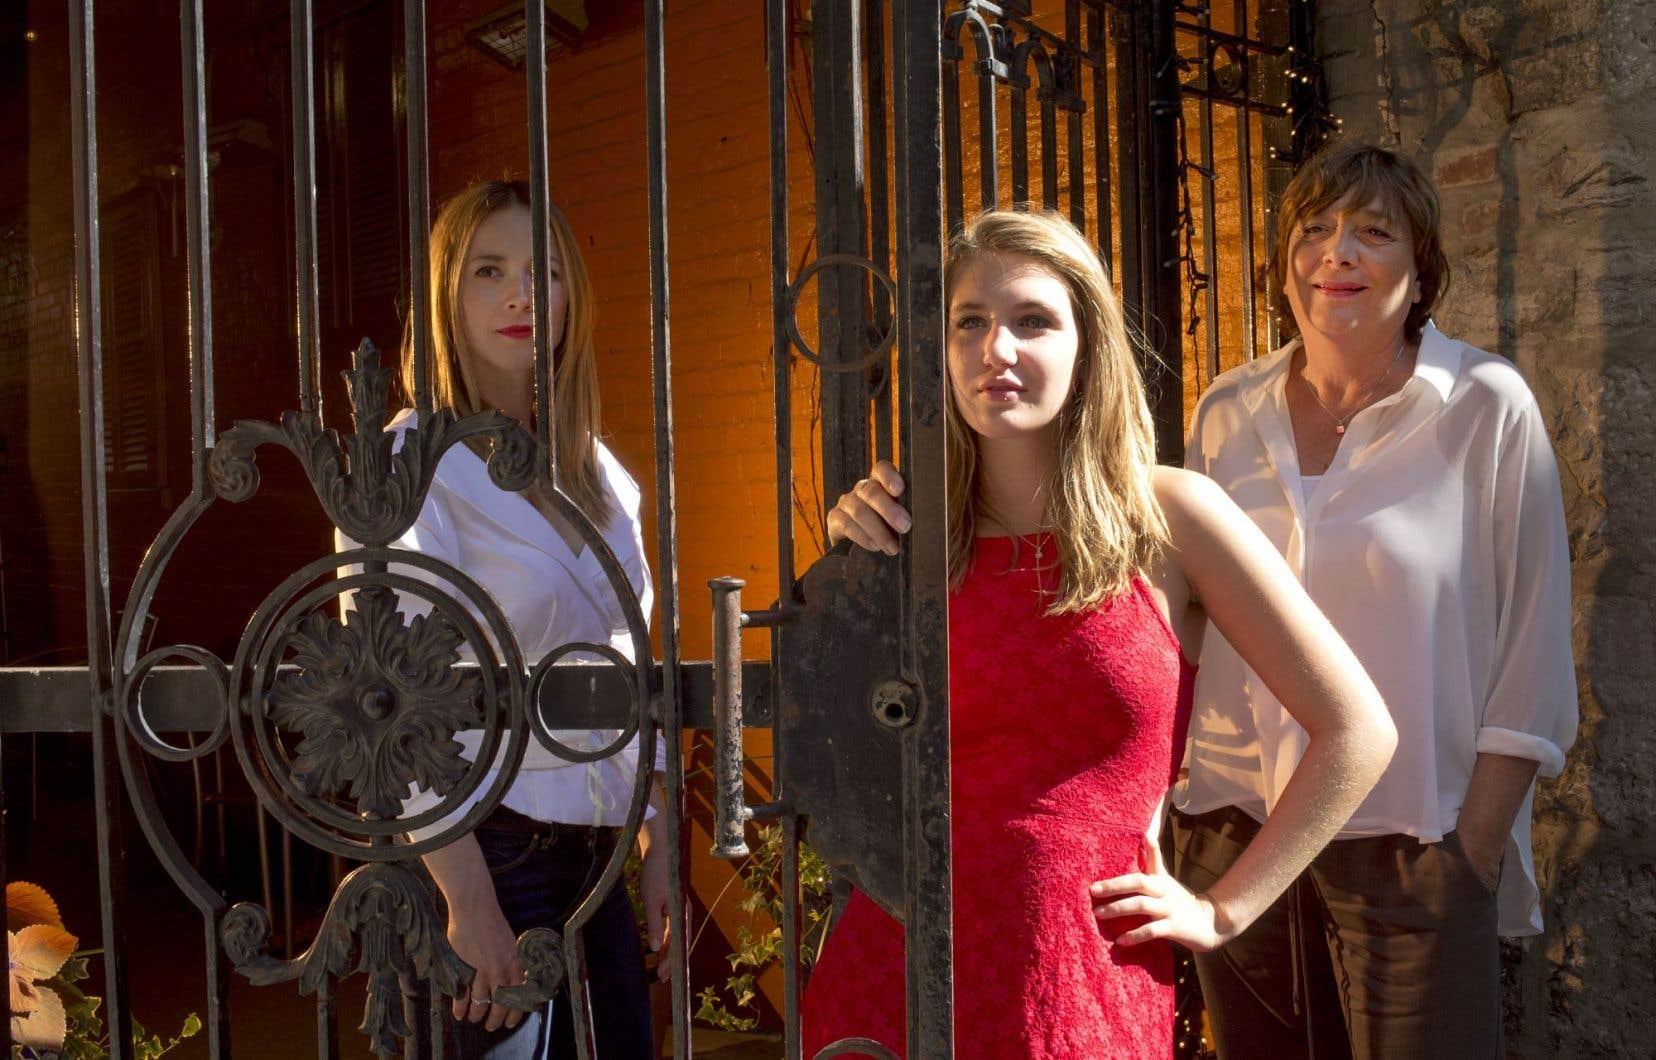 Les comédiennes Karine Vanasse et Sophie Nélisse jouent une mère et sa fille pour la réalisatrice Léa Pool dans «Et au pire, on se mariera».